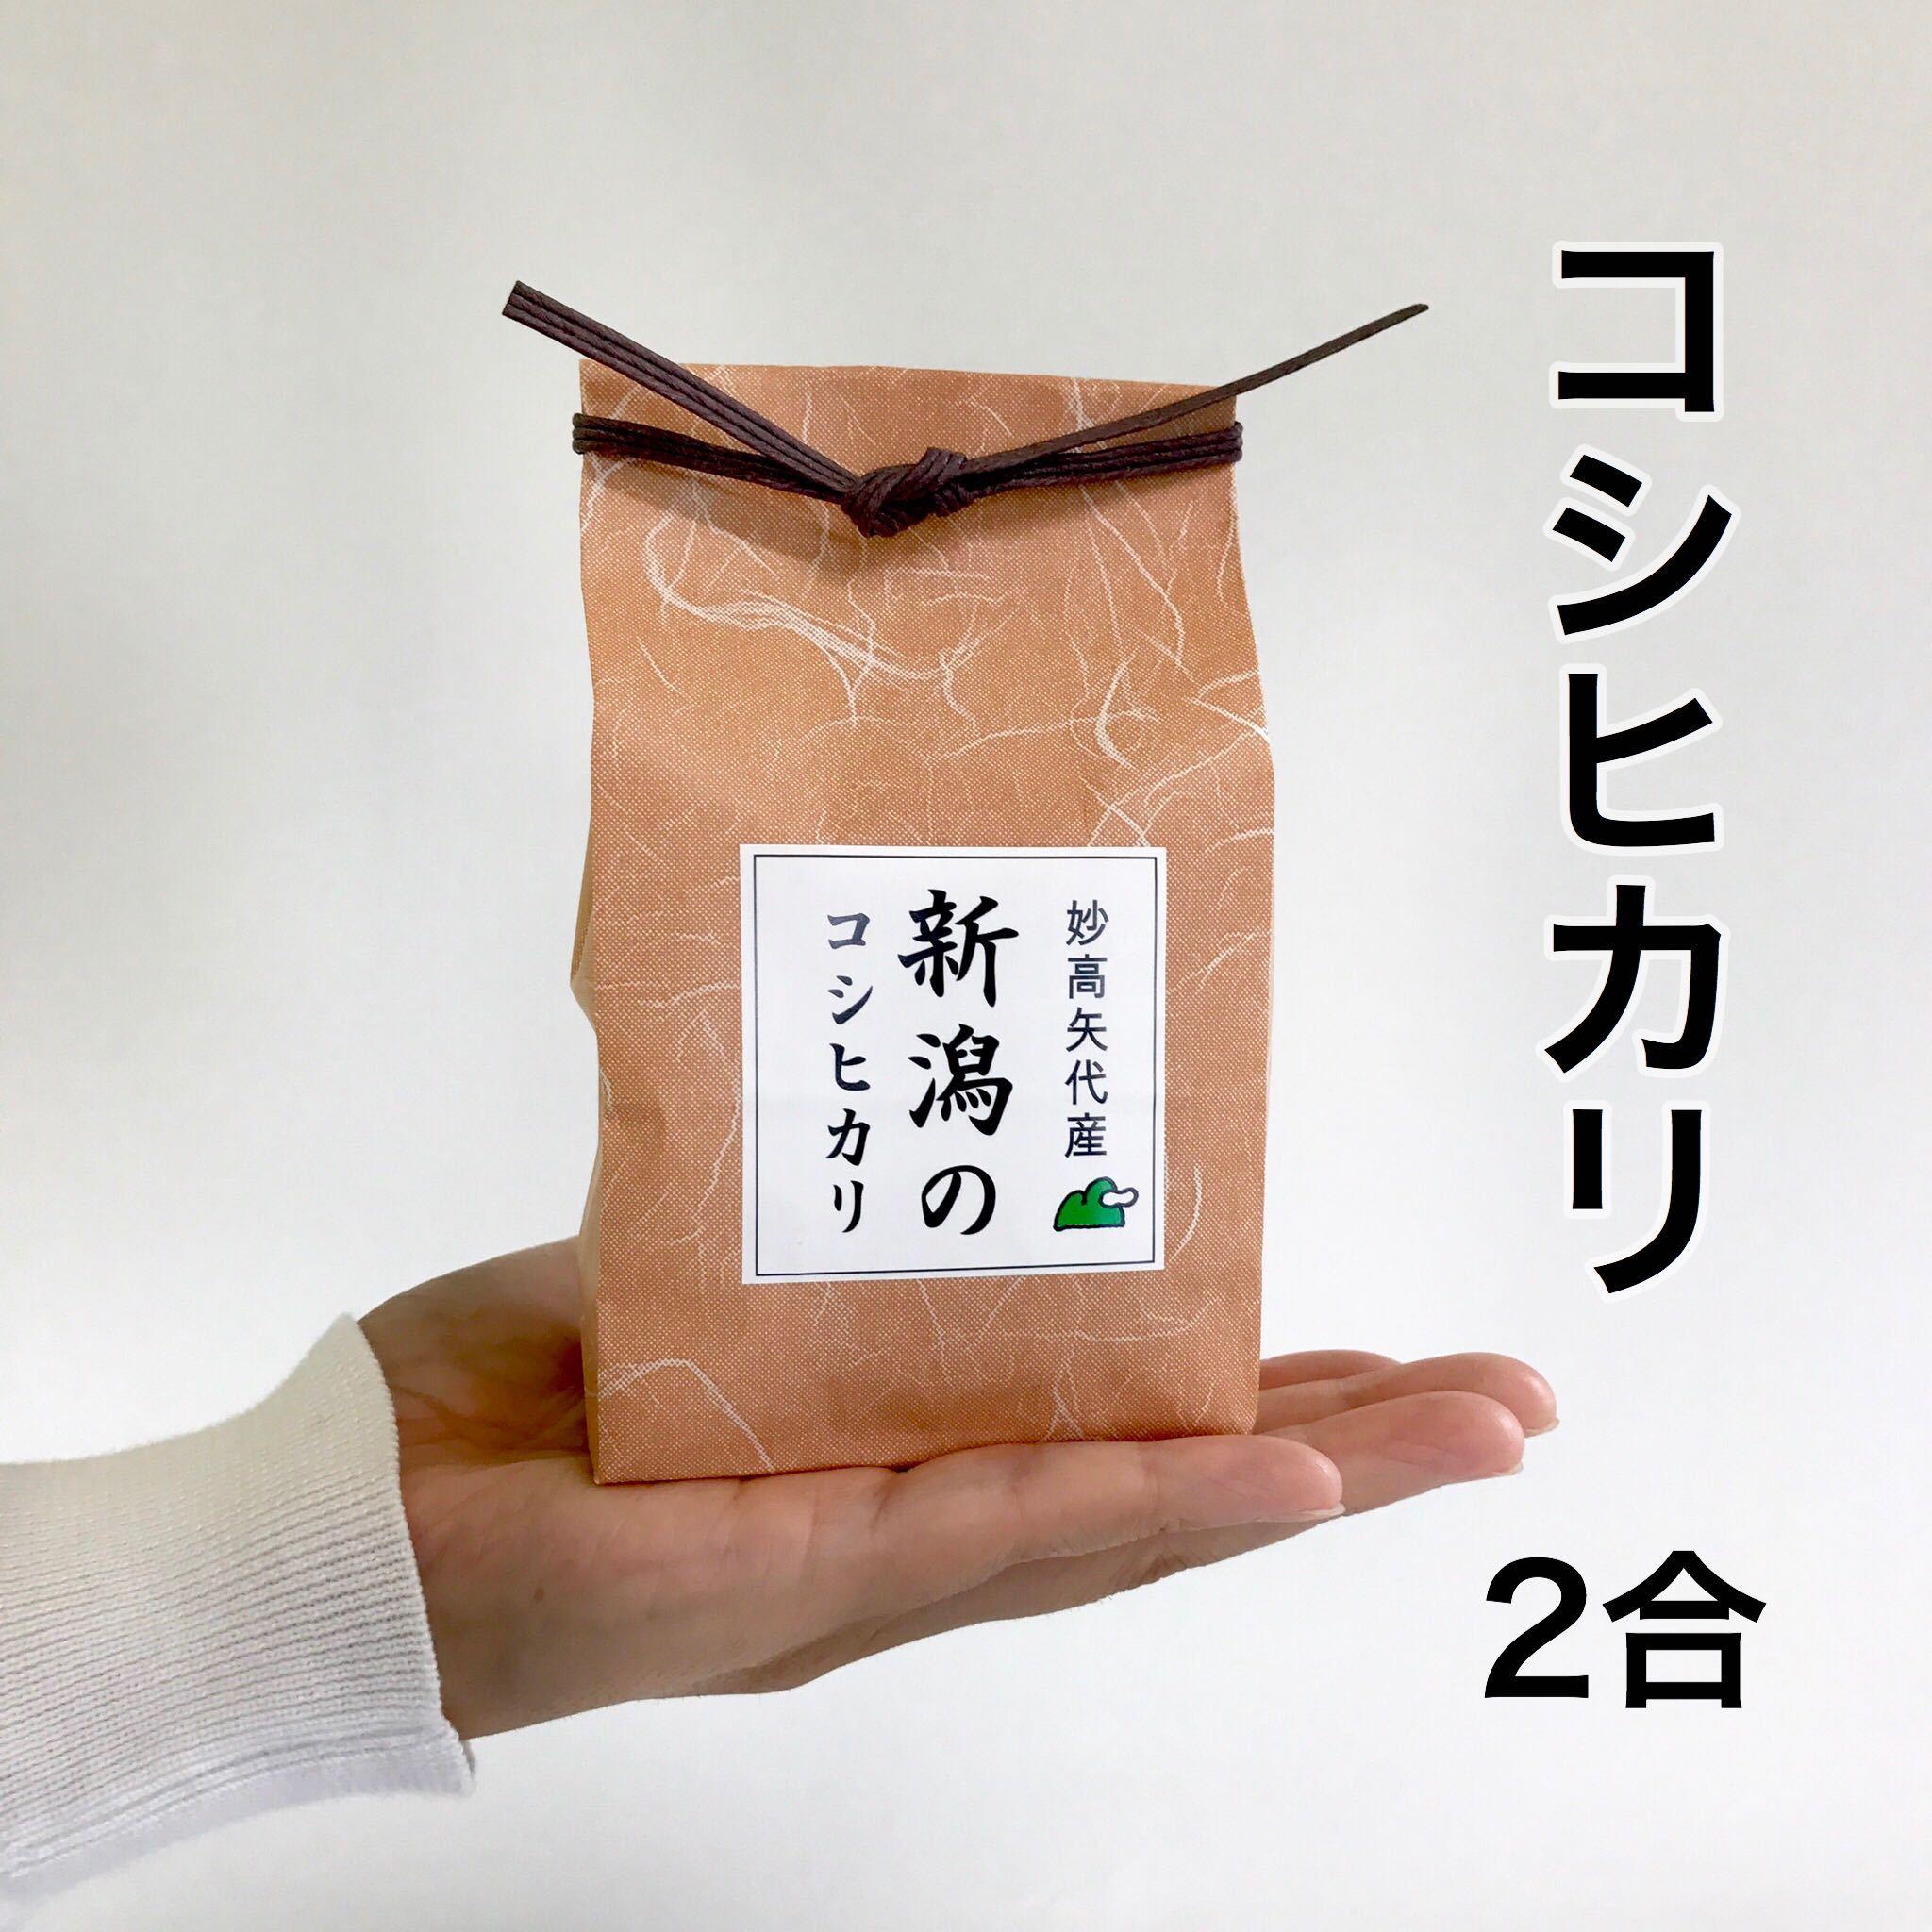 矢代産コシヒカリ【白米】2合